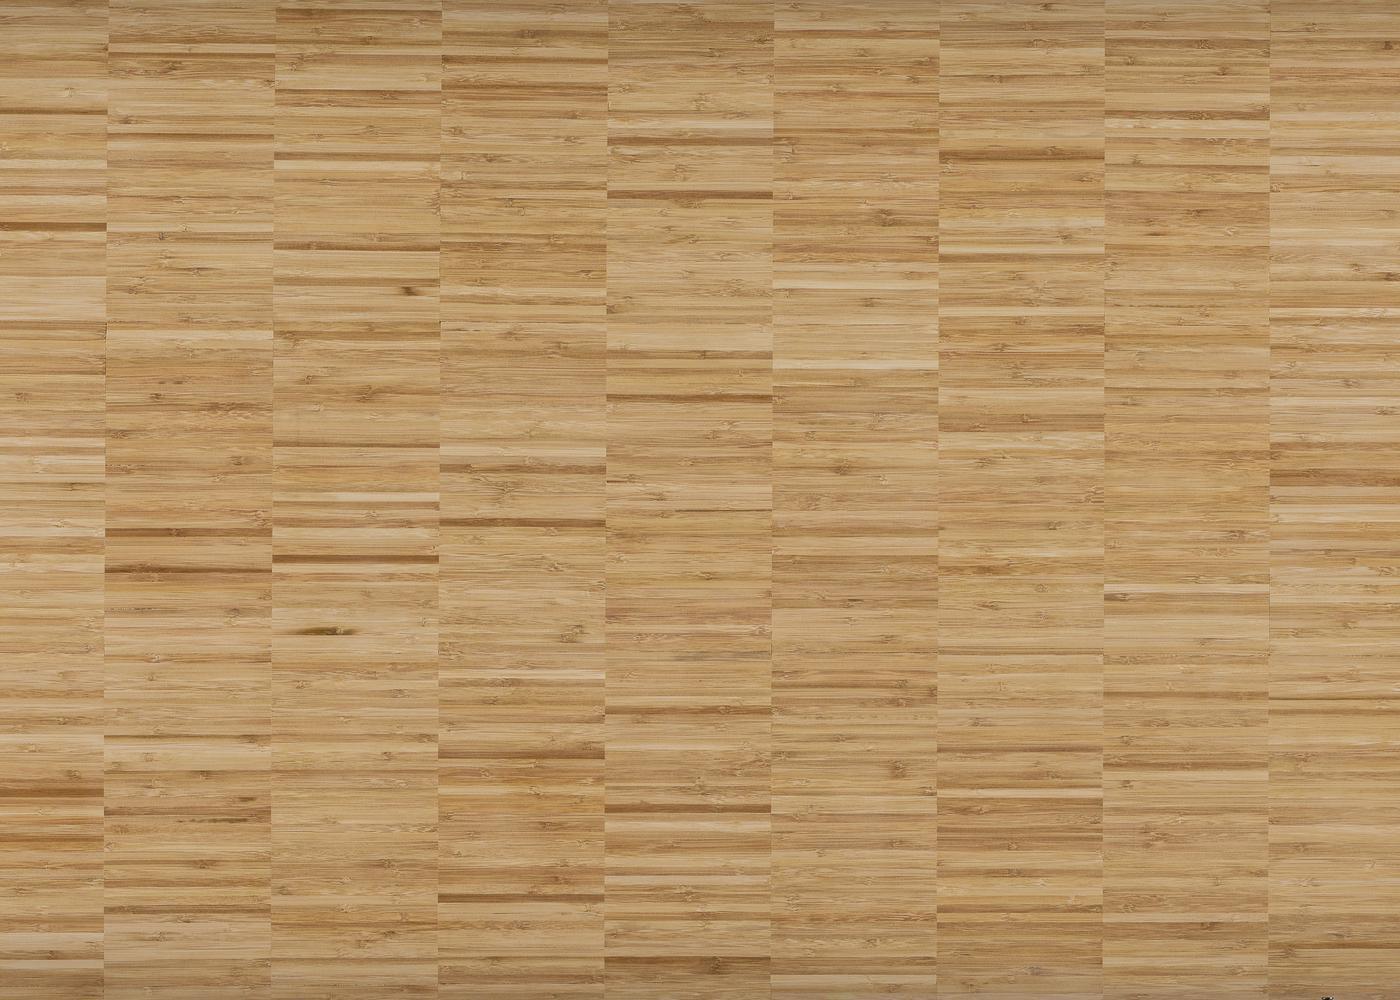 Parquet bambou massif Café Vertical 1 pli sur chant brut 10x140x280